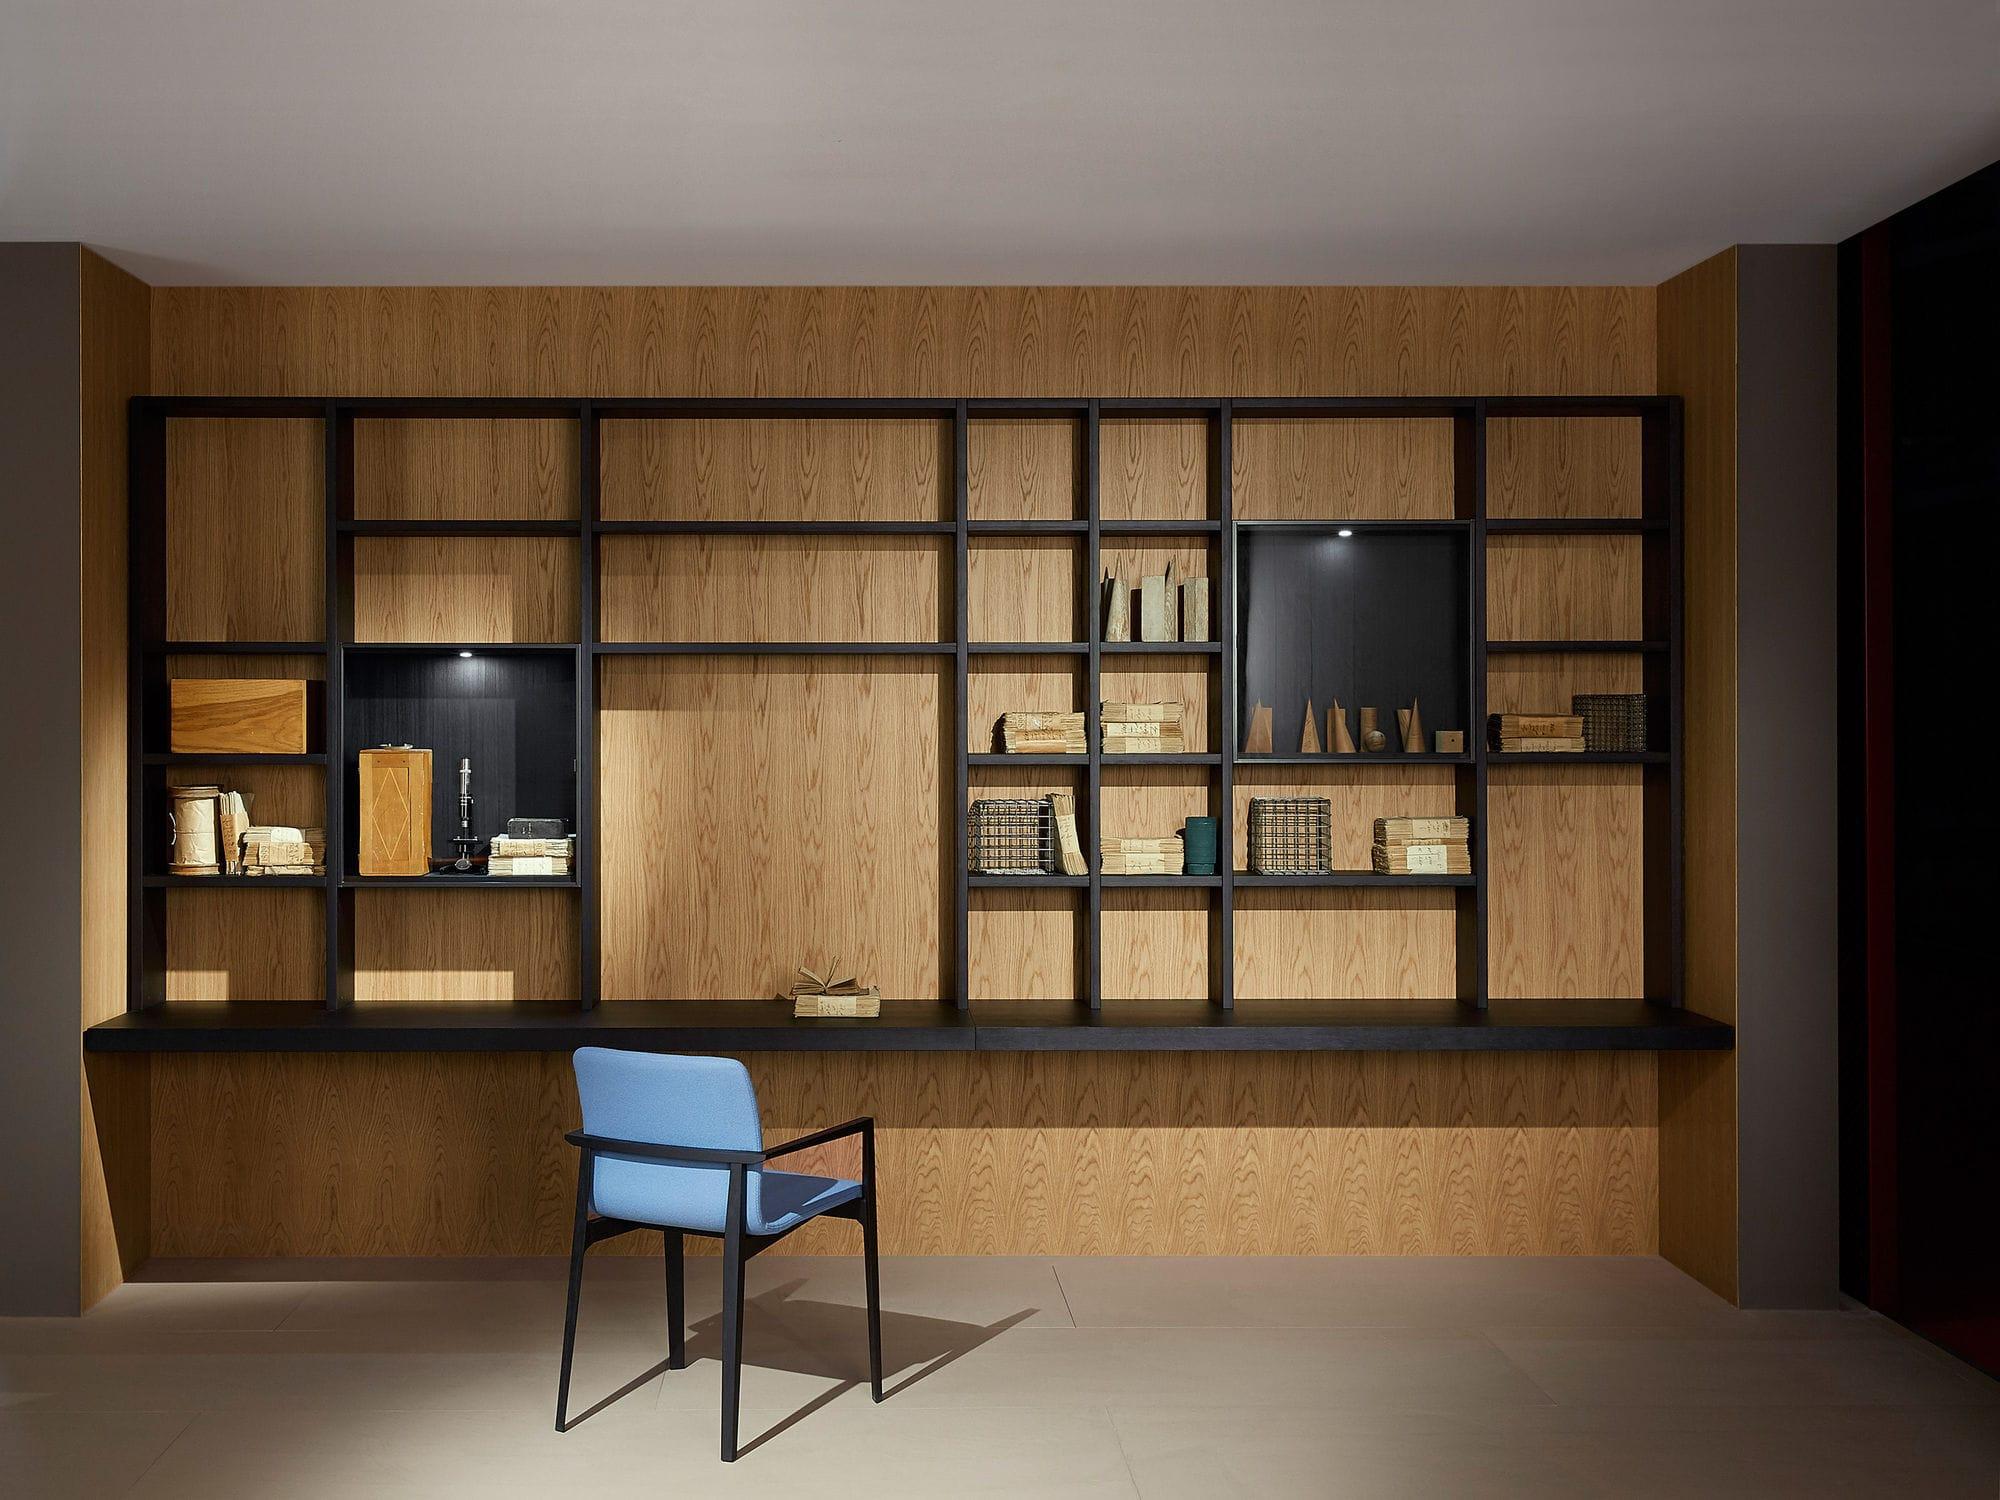 Libreria Vetrina Ufficio : Libreria moderna per ufficio in legno laccato in alluminio